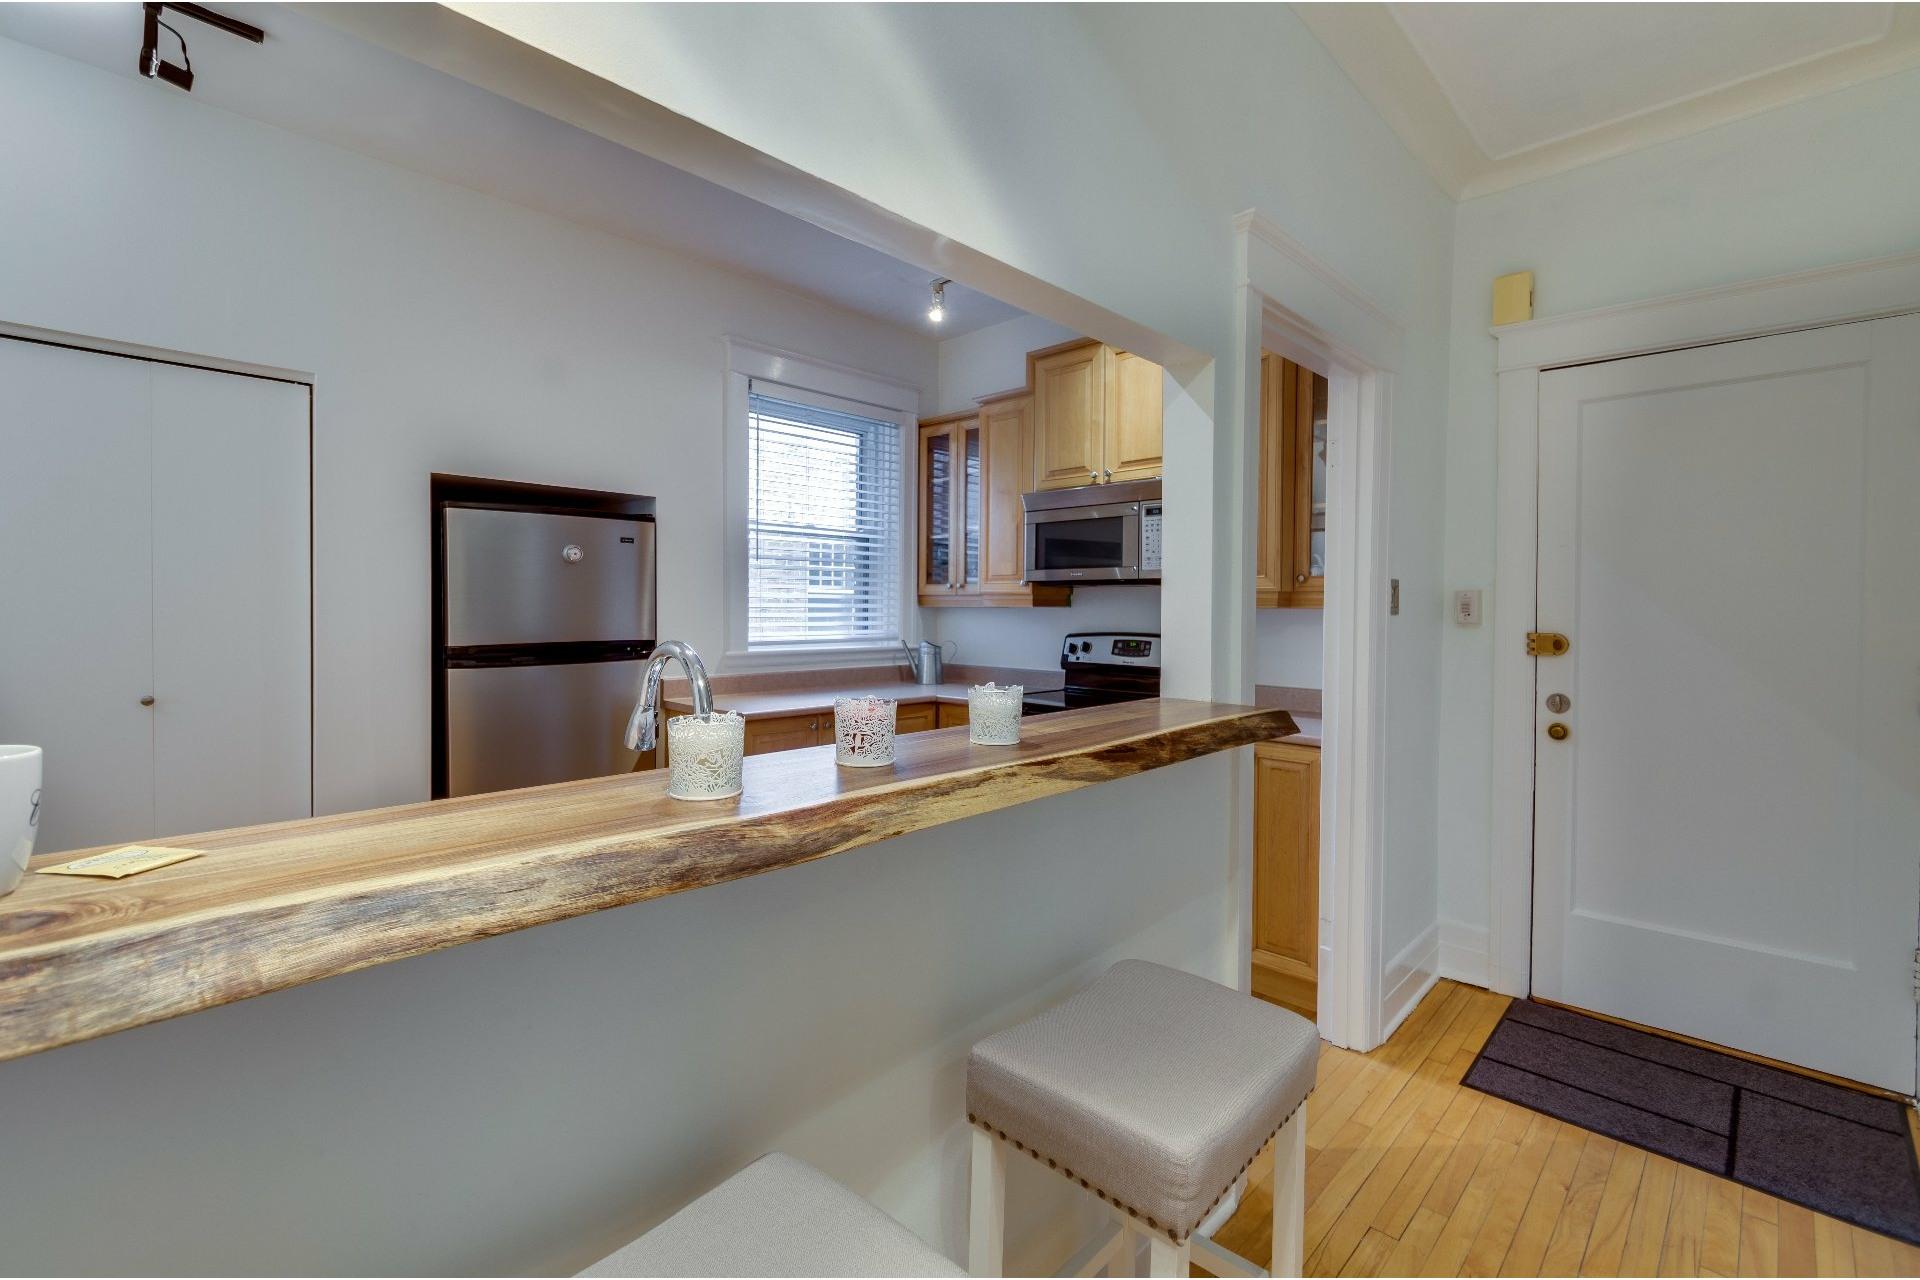 image 2 - Apartment For sale Côte-des-Neiges/Notre-Dame-de-Grâce Montréal  - 7 rooms